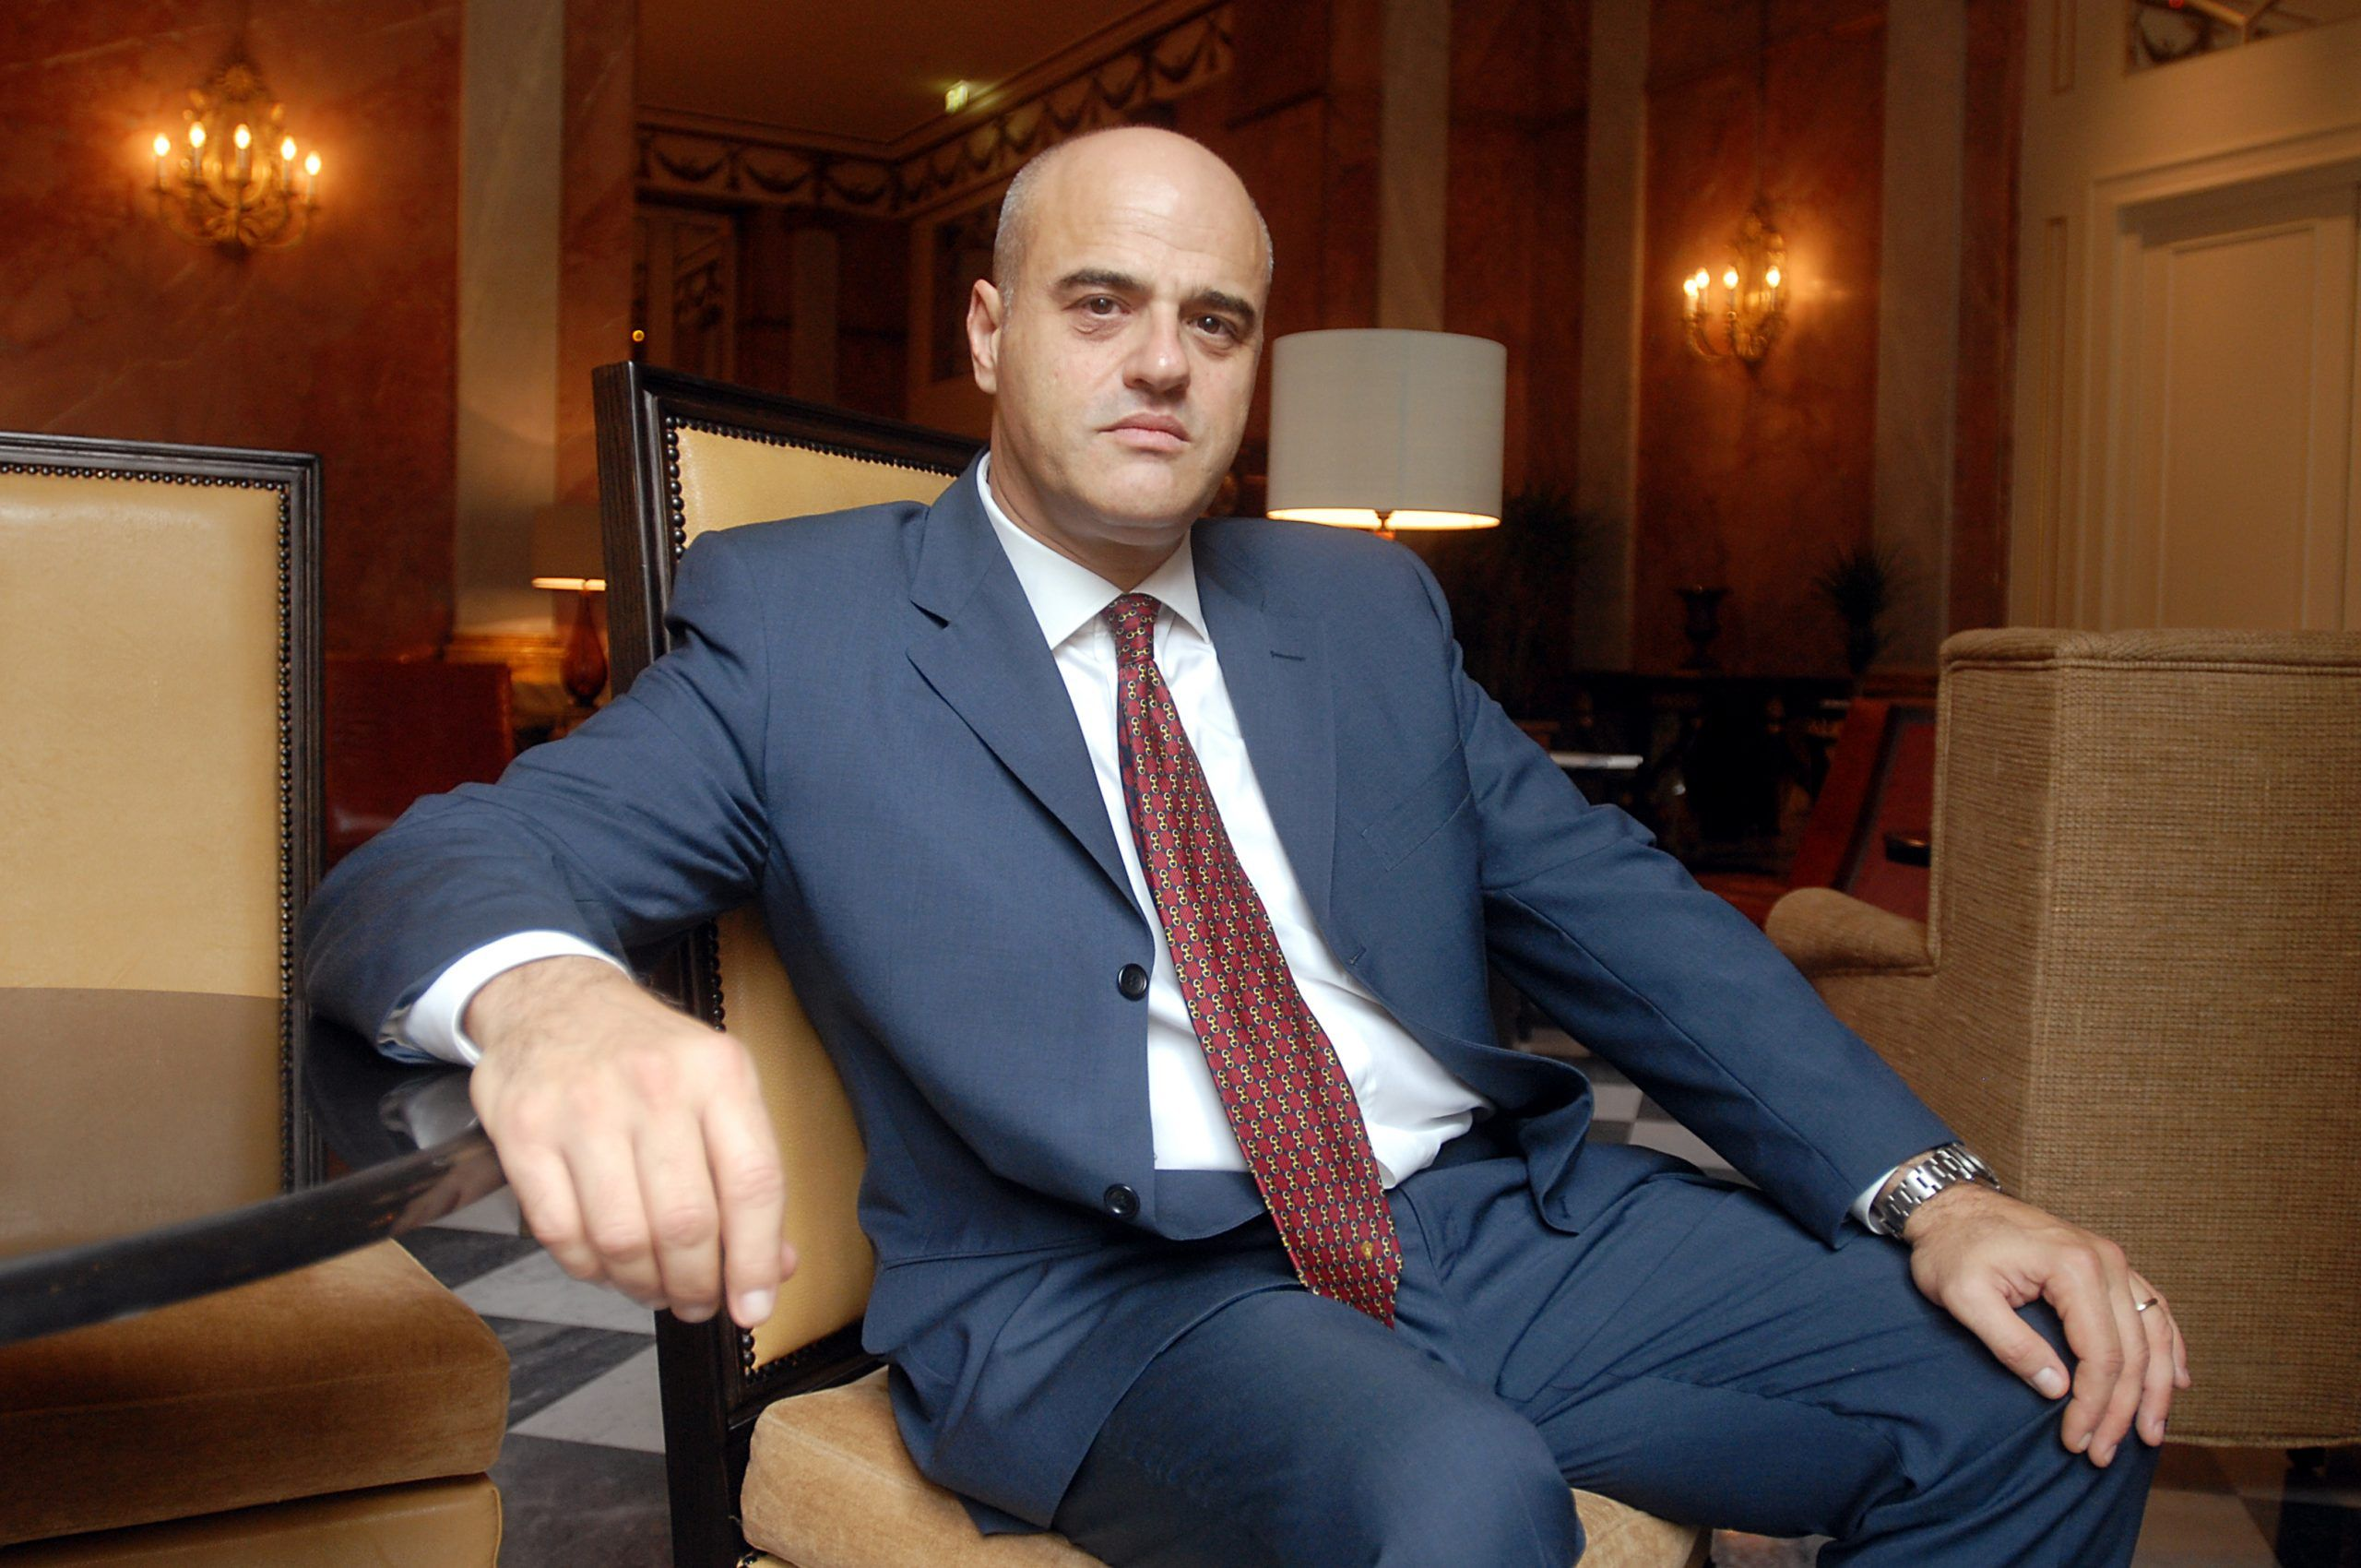 Scandalo Eni, chi è e perché è indagato Claudio Descalzi?